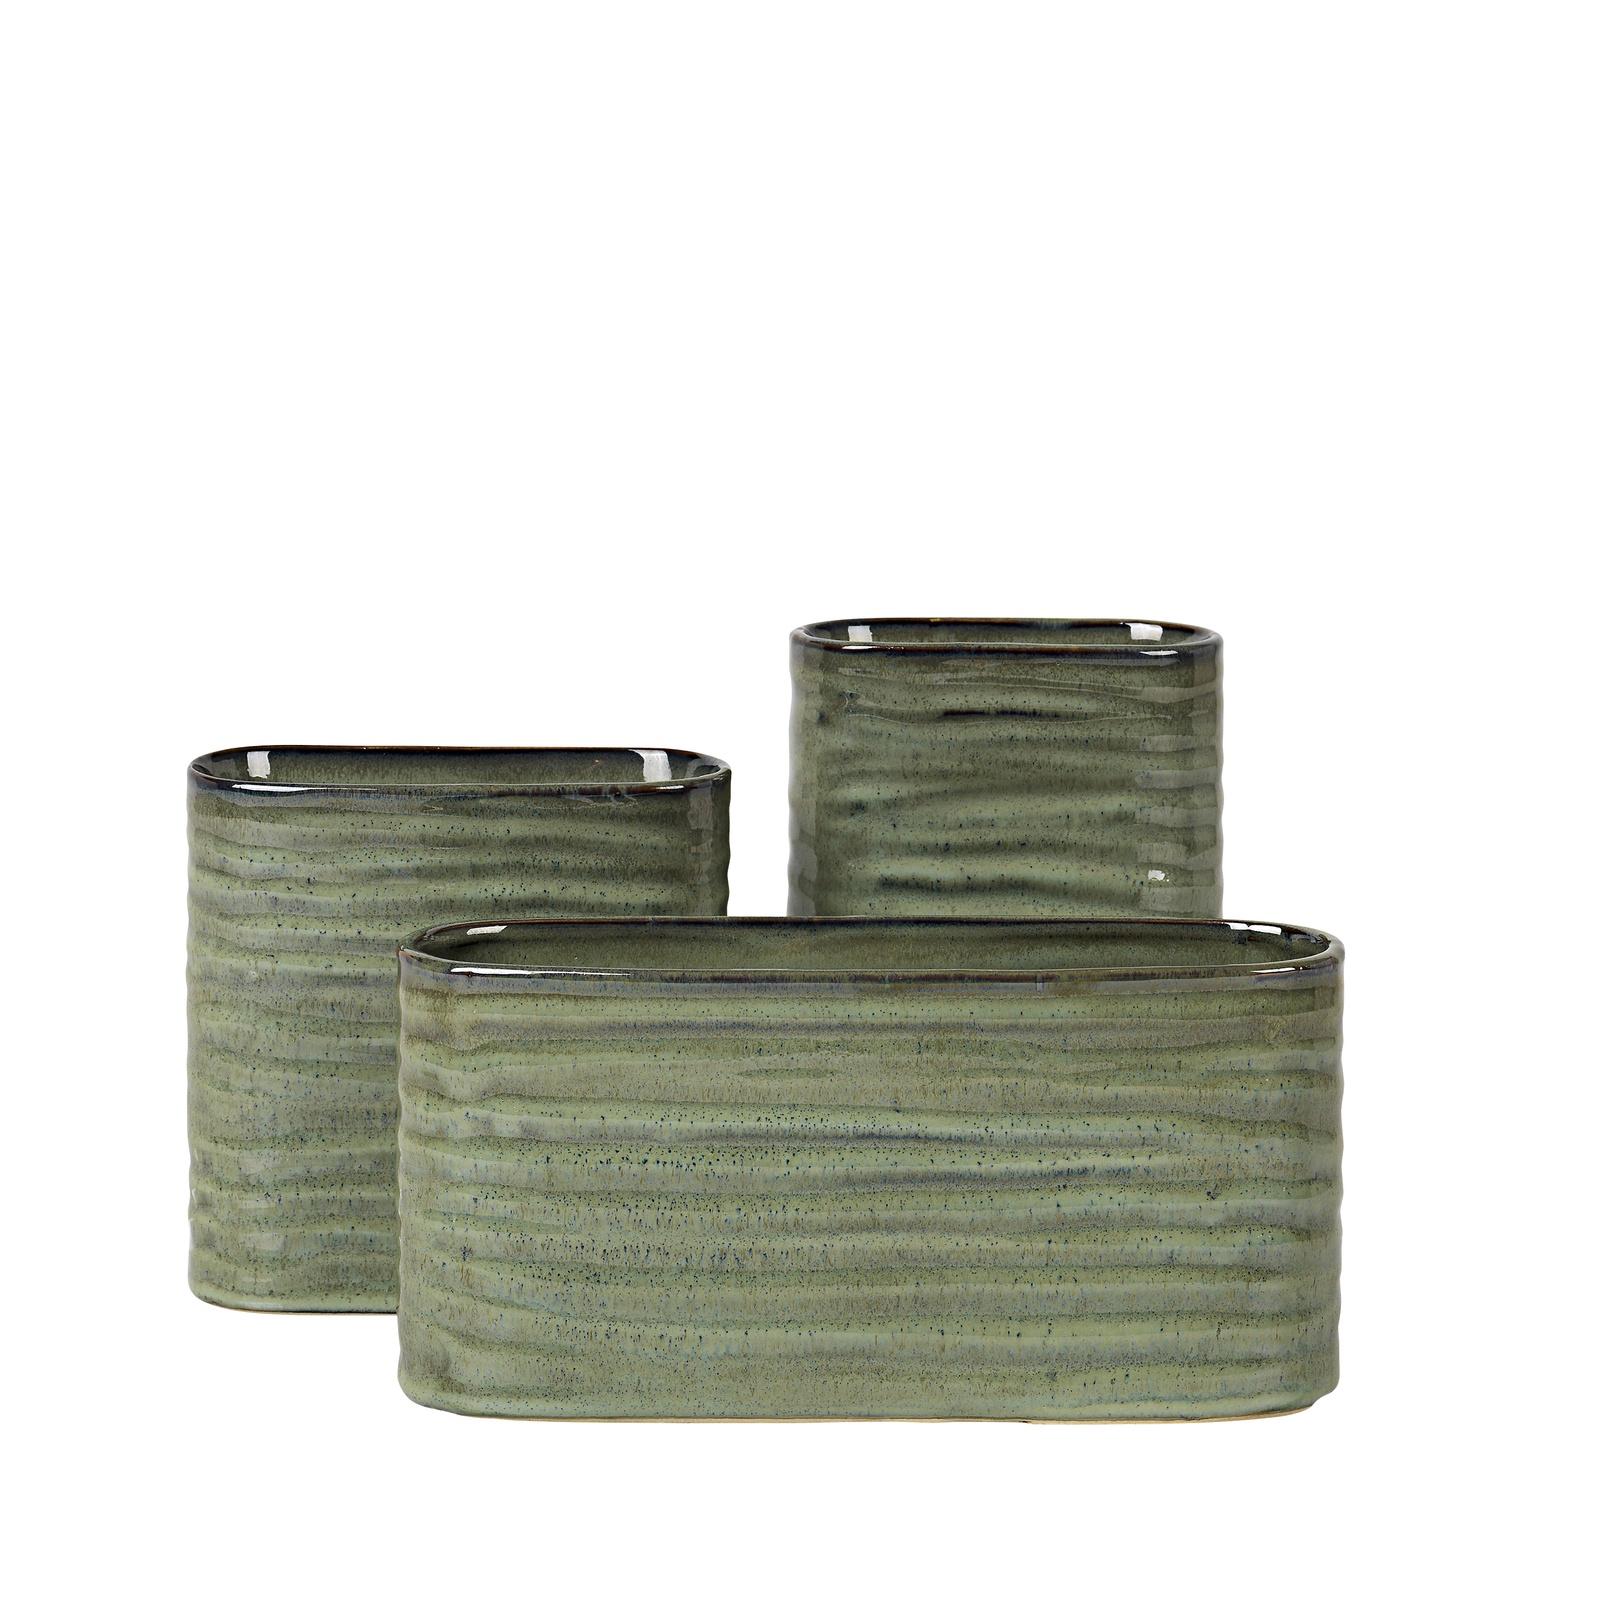 Набор ваз Broste ATIL, 15500292, керамика, зеленый, 3 шт трусы doness 134 140 dns 10 1006 светло зеленый светло зеленый 134 140 32 размер